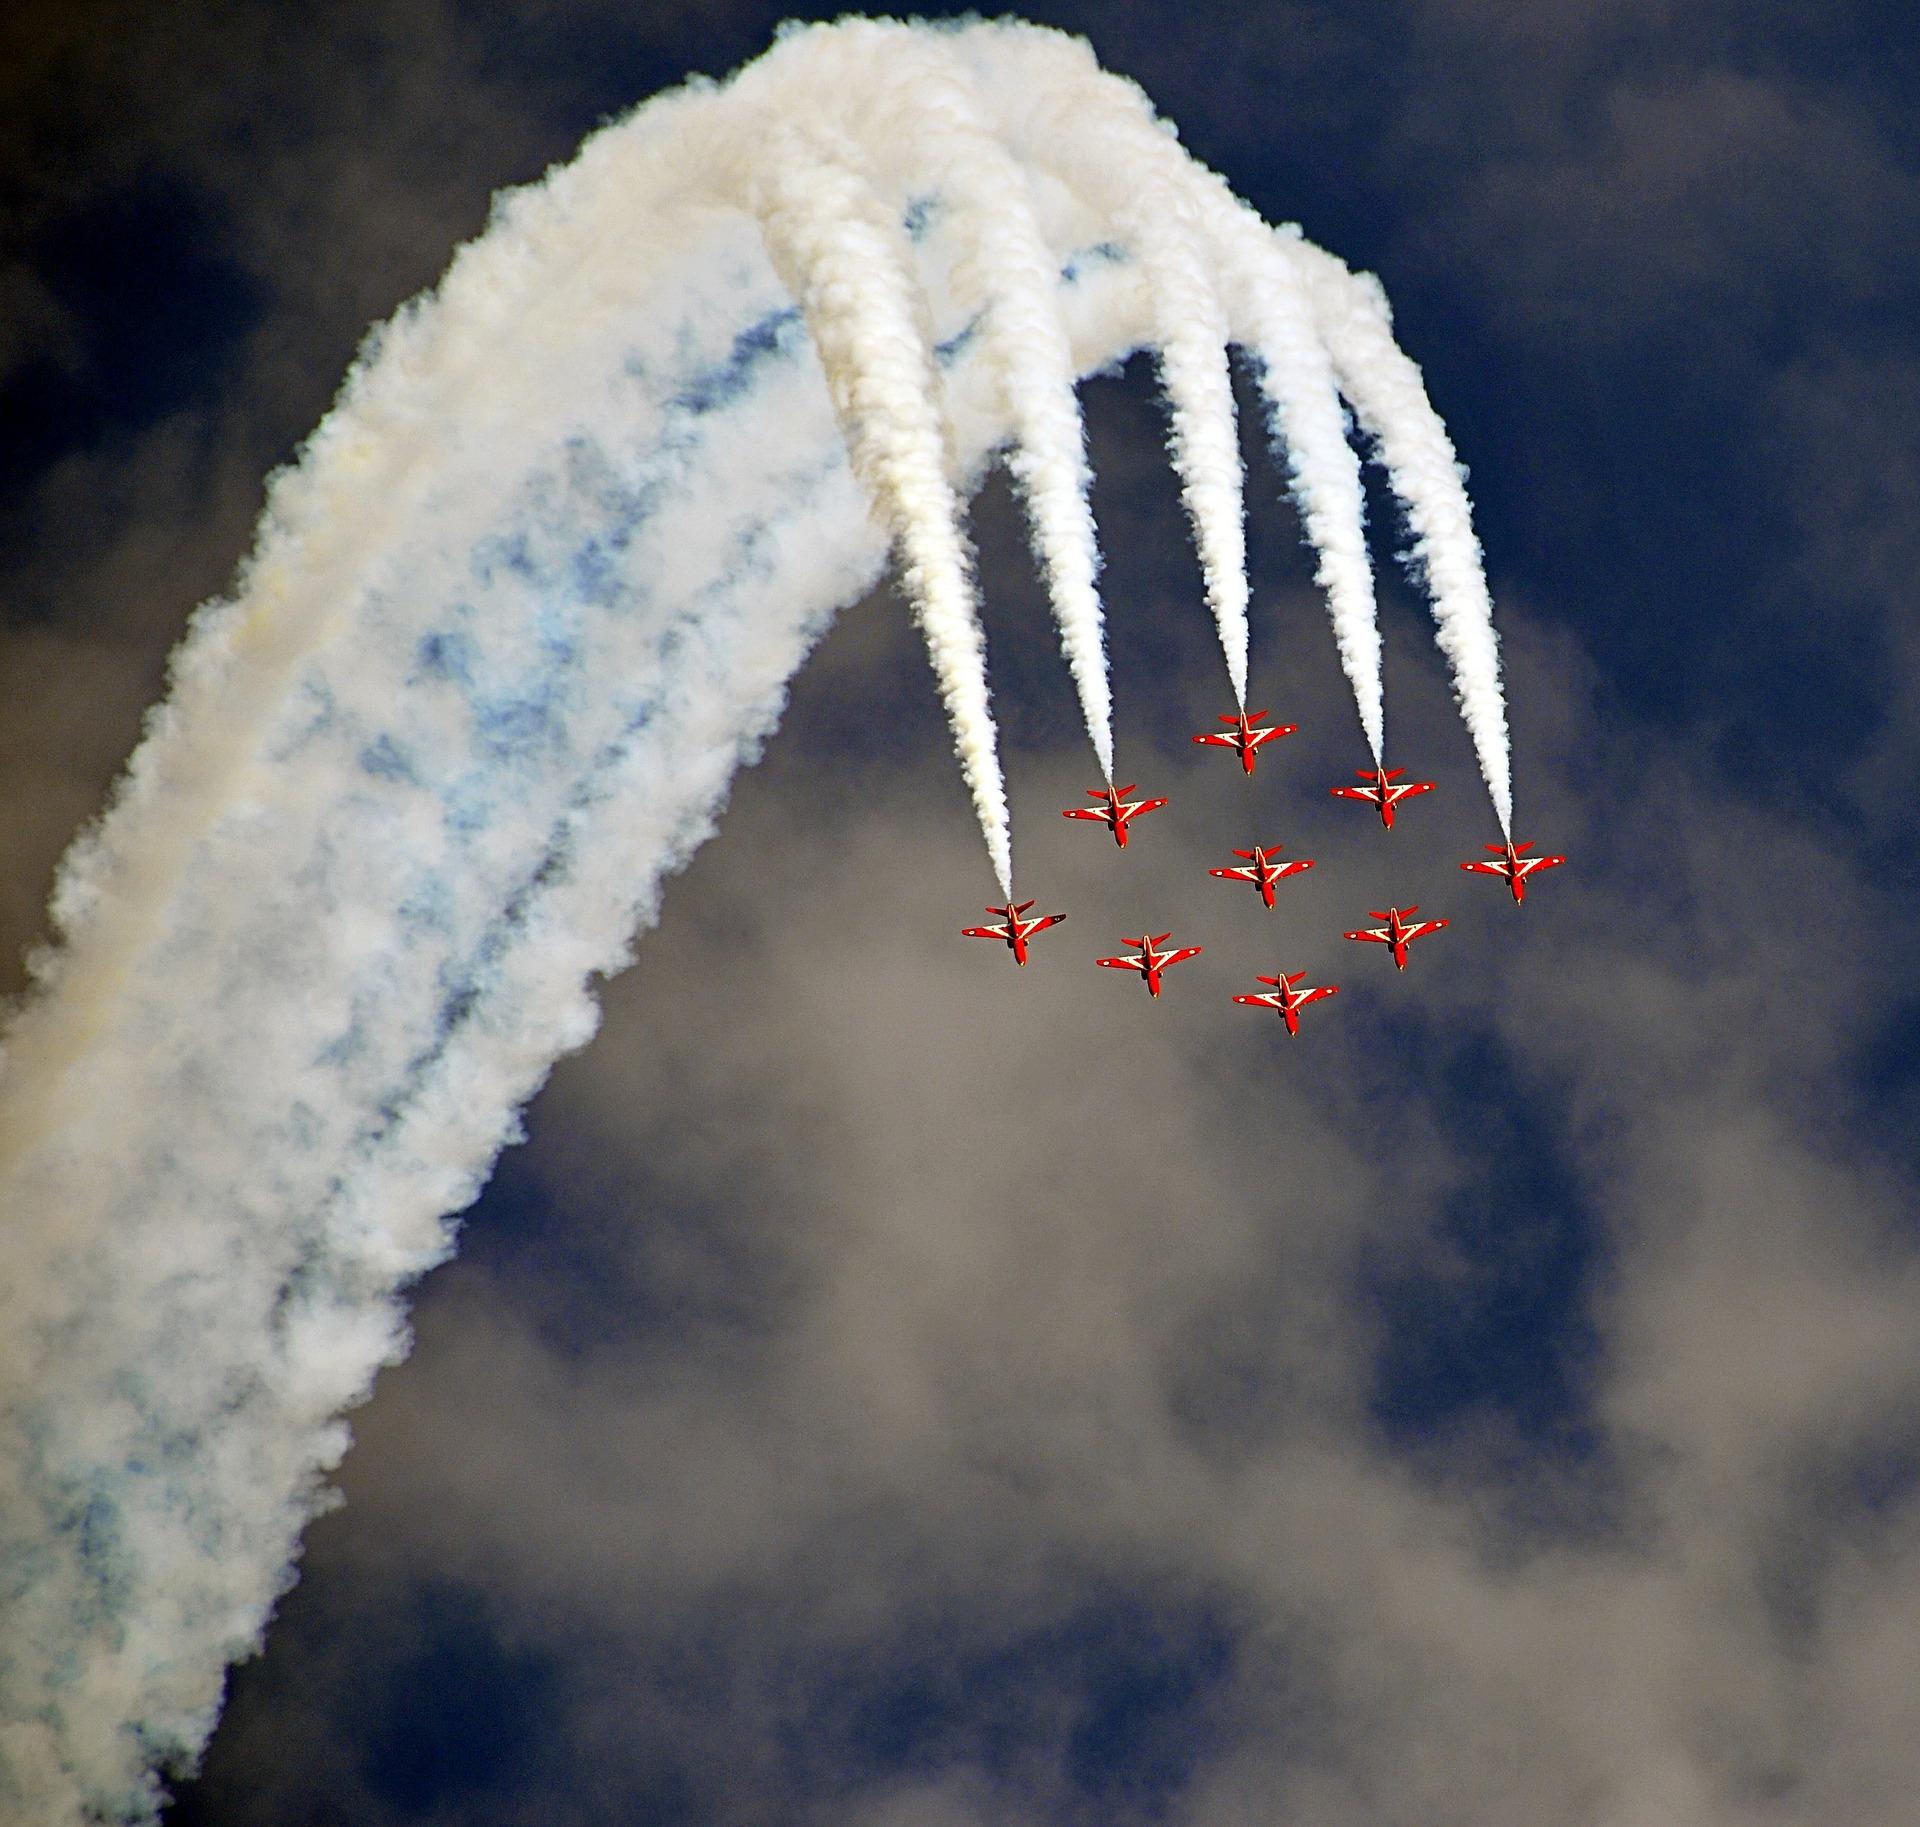 विमान, दिखाएँ, कलाबाजी, मक्खी, धुआँ - HD वॉलपेपर - प्रोफेसर-falken.com